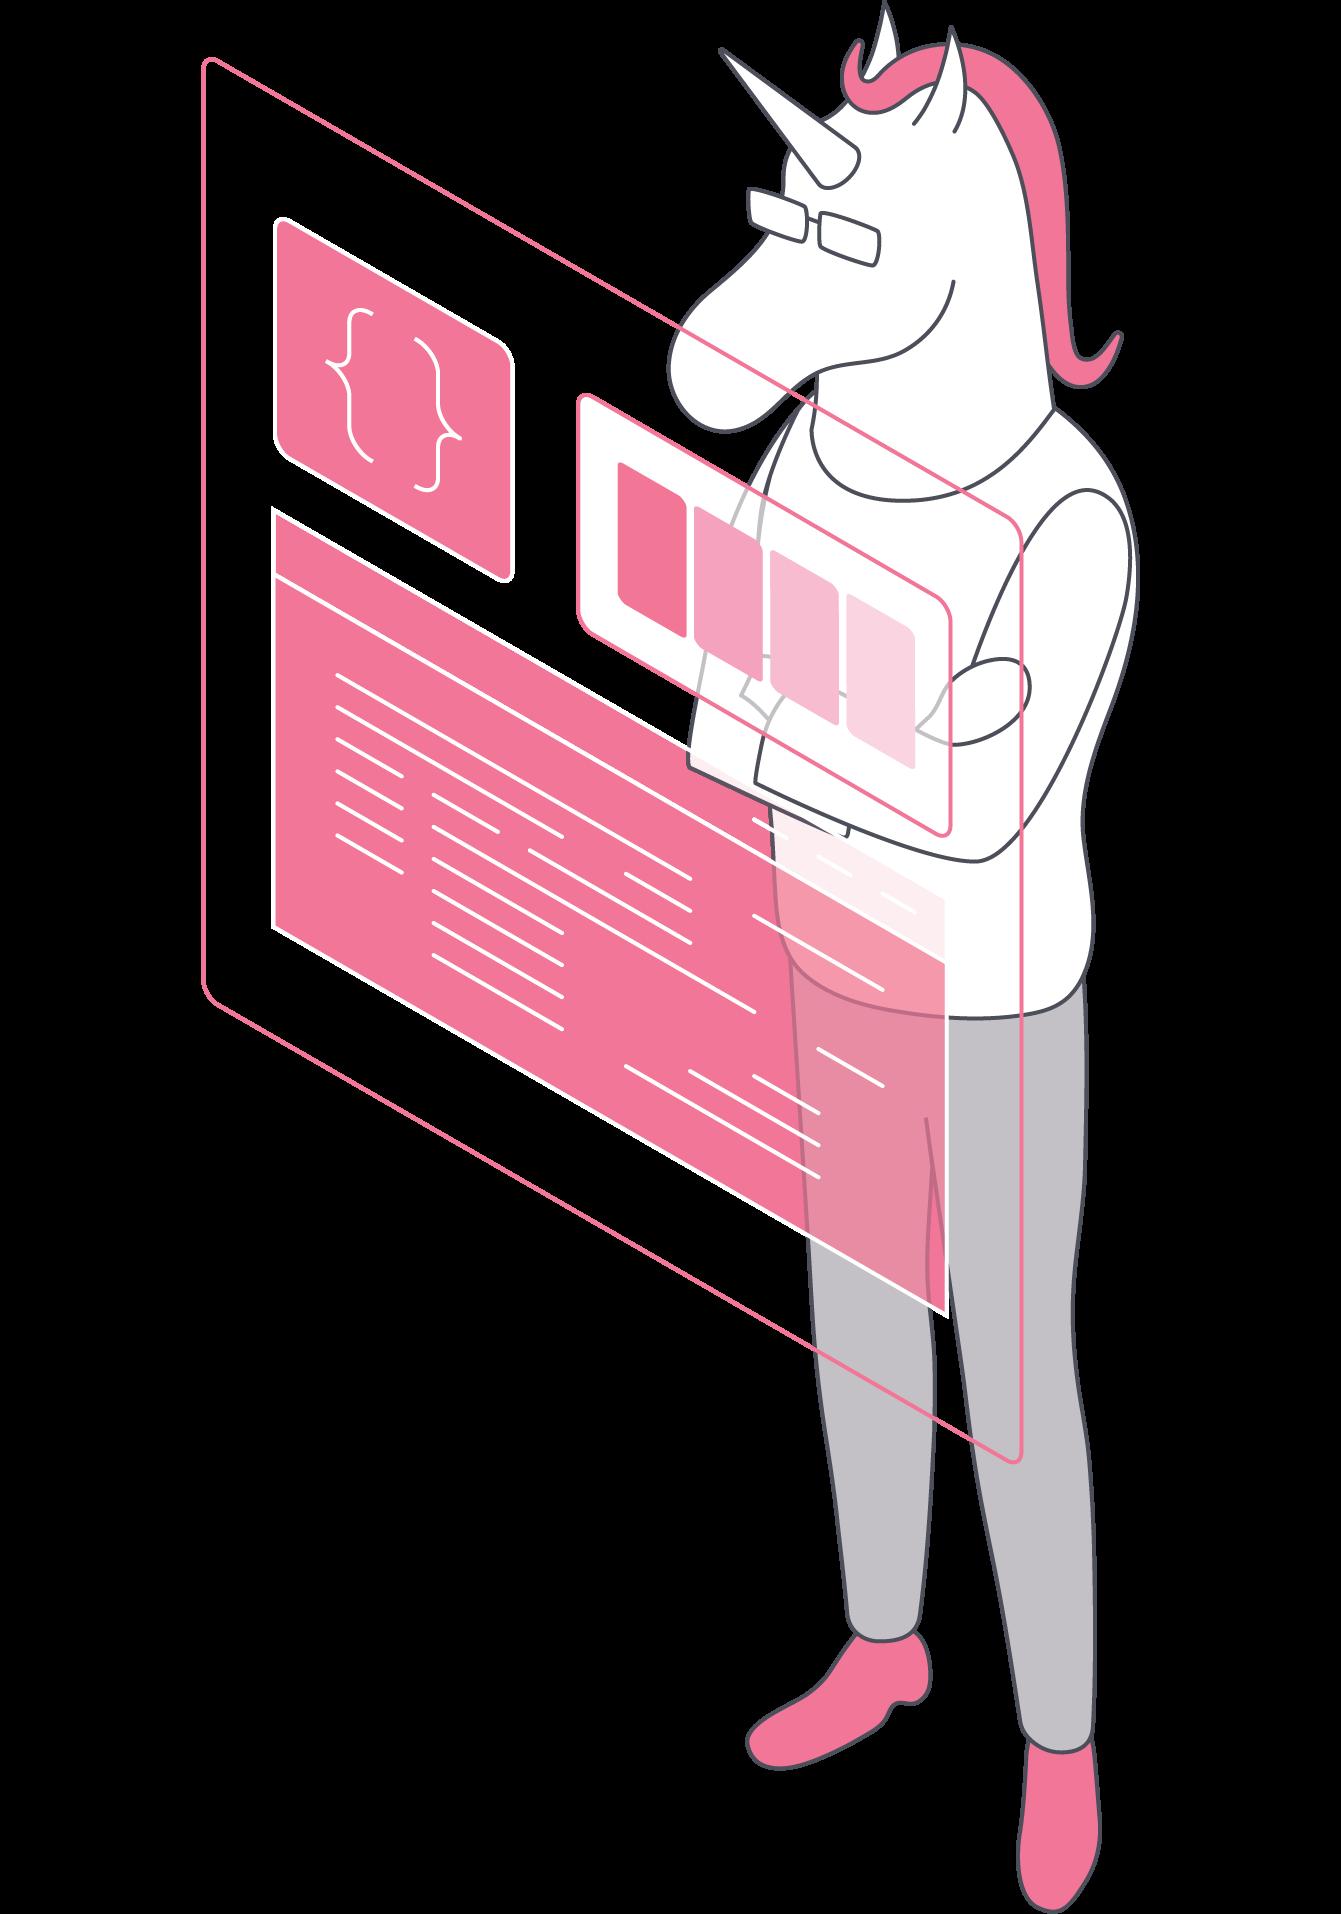 Unicorn (Designer + Developer)